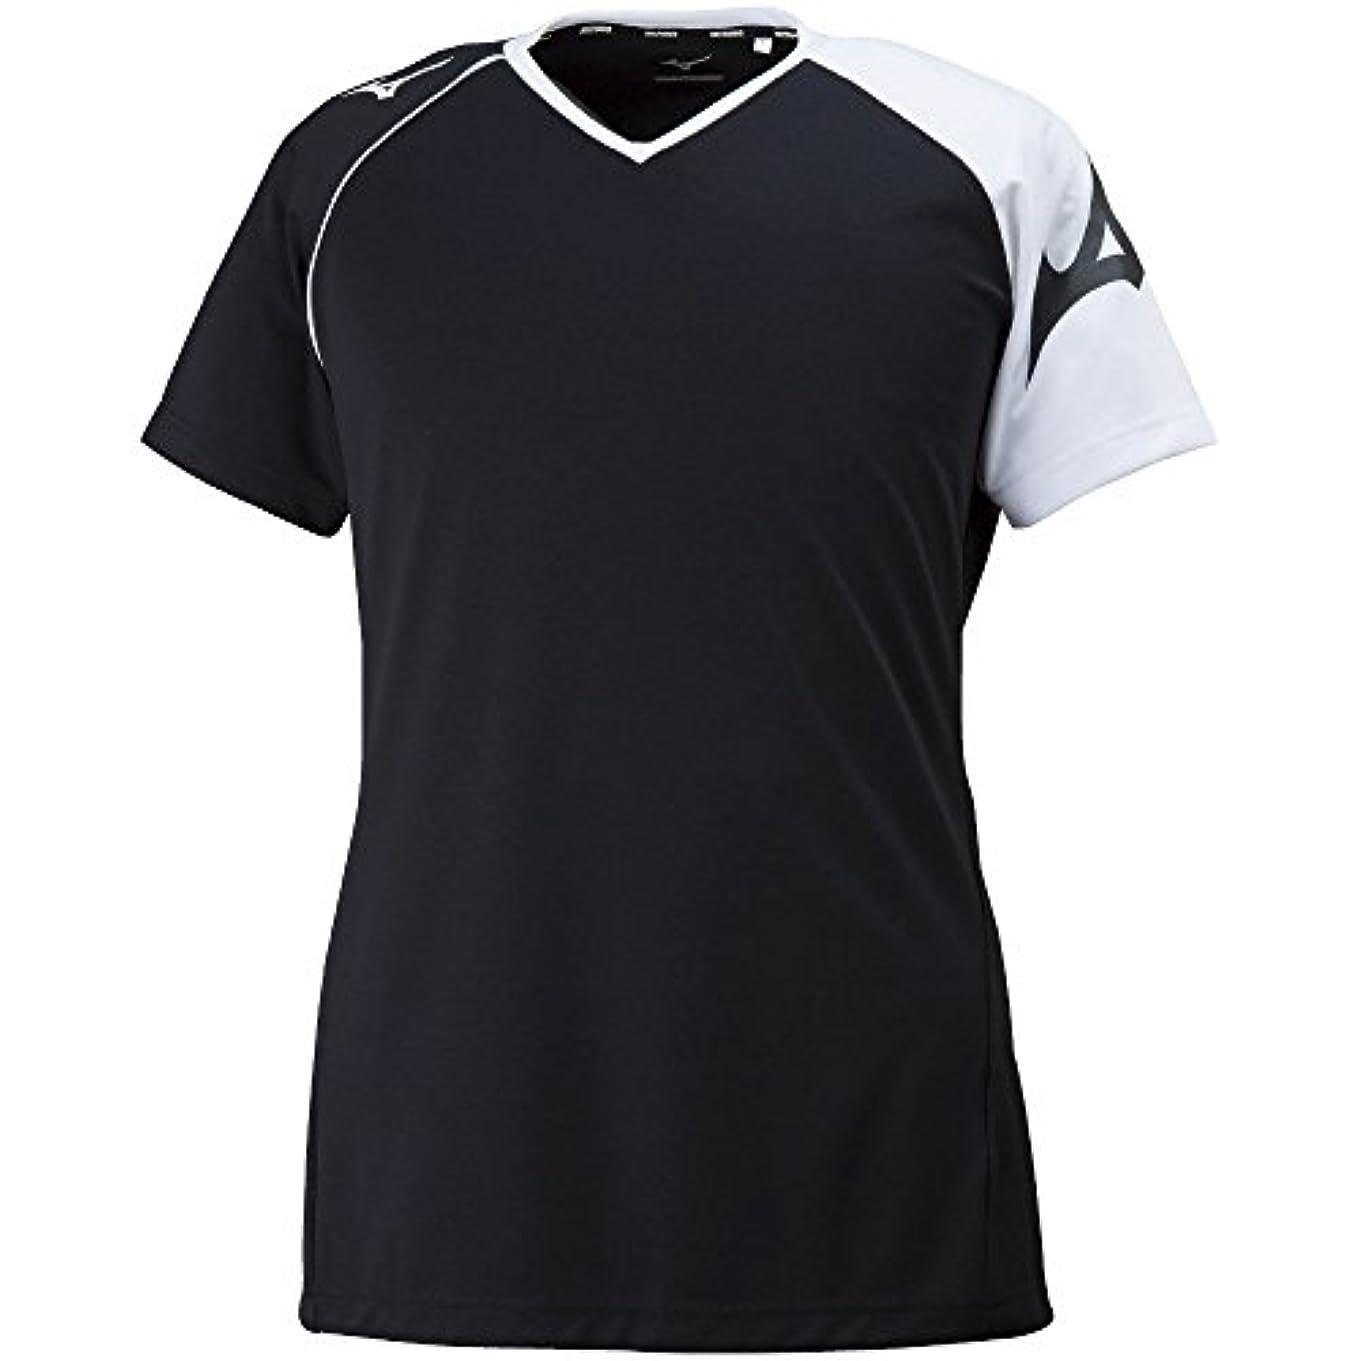 冊子従事した交渉する[ミズノ] バレーボールウェア プラクティスシャツ 半袖 吸汗速乾 ドライ 部活 練習 消臭 男女兼用 V2MA8082